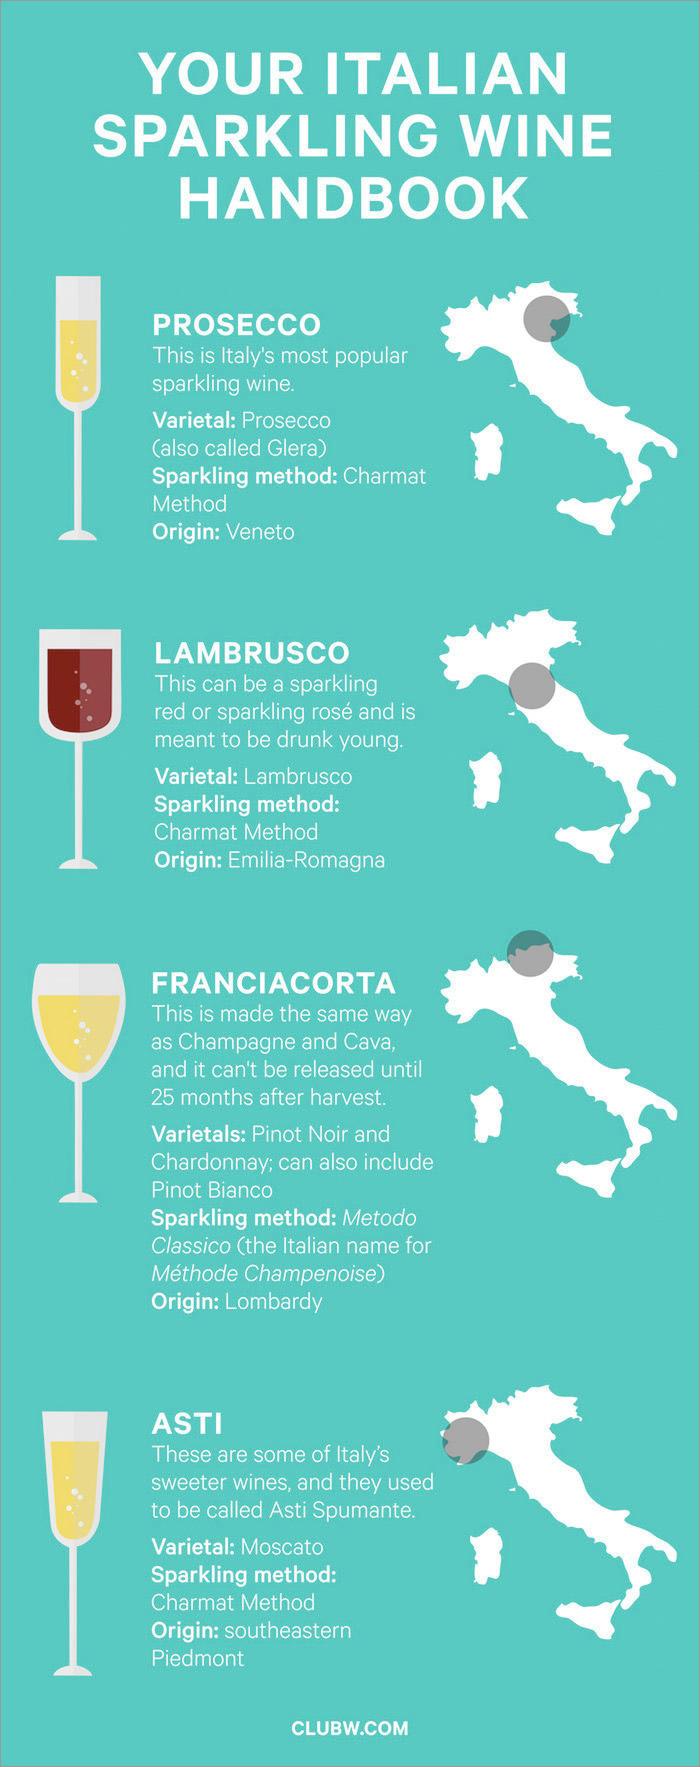 wine-handbook